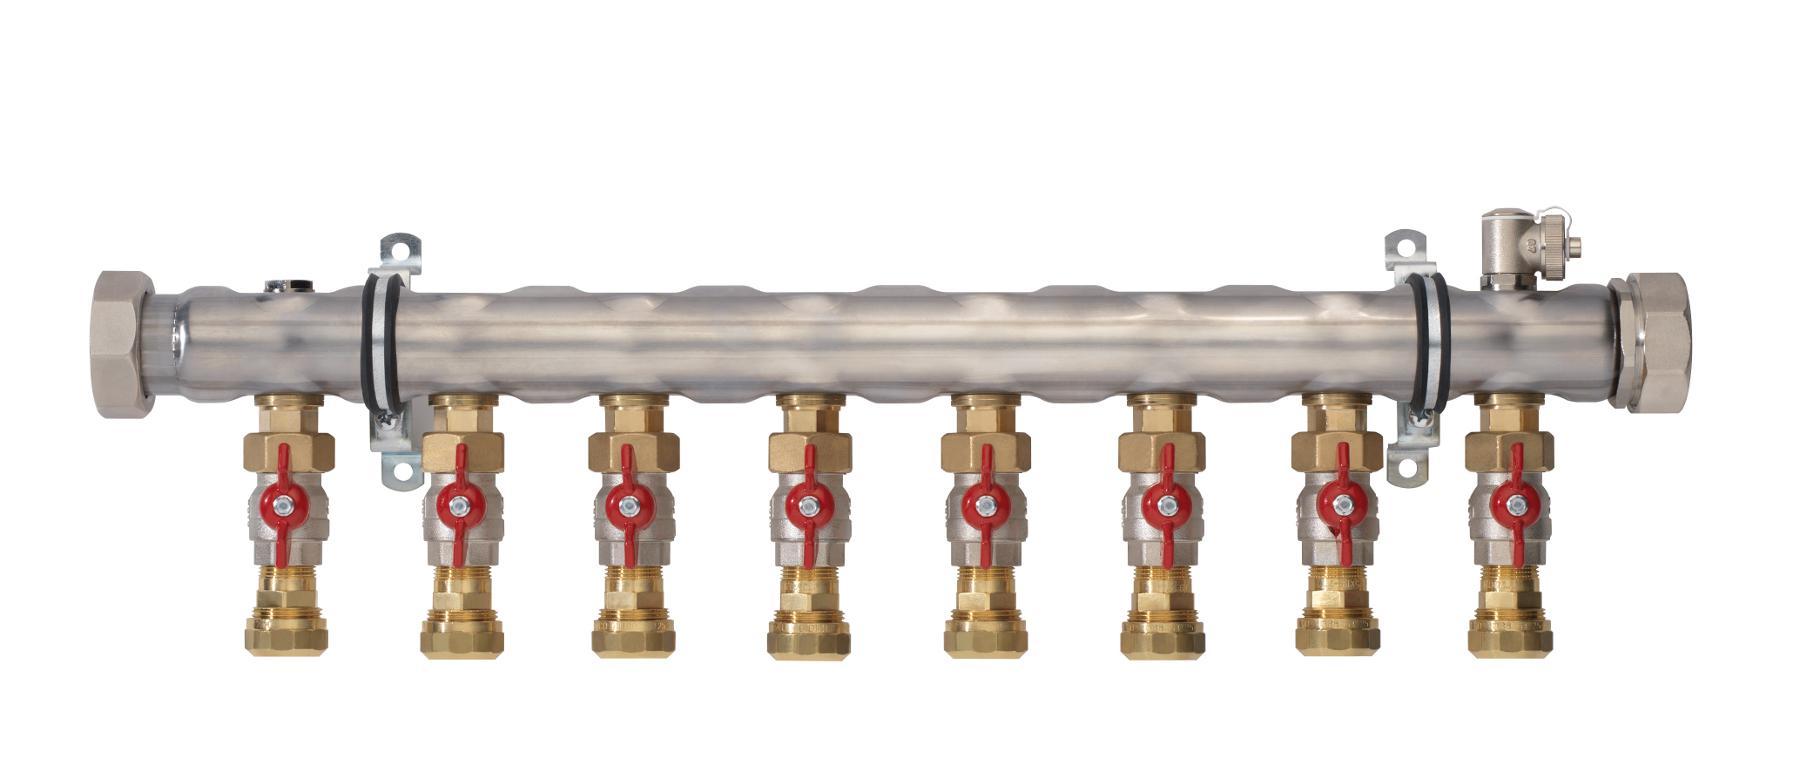 Промышленный коллектор с регулирующими вентилями на 2 контура